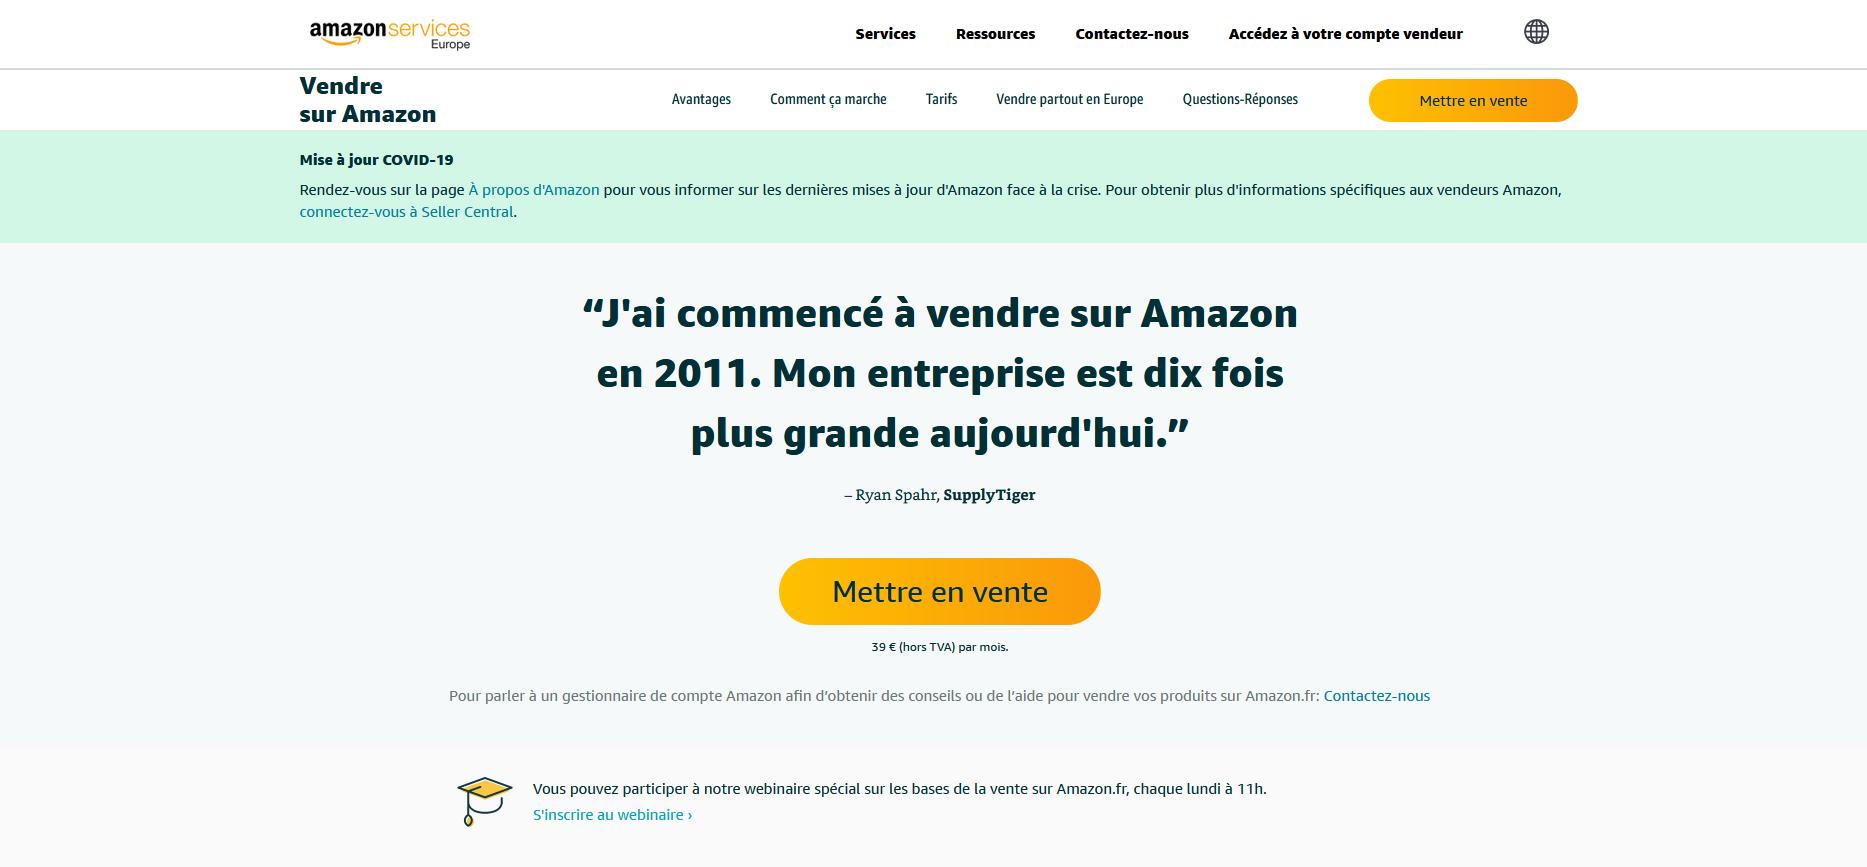 Gagnez de l'argent en devenant Vendeur Amazon